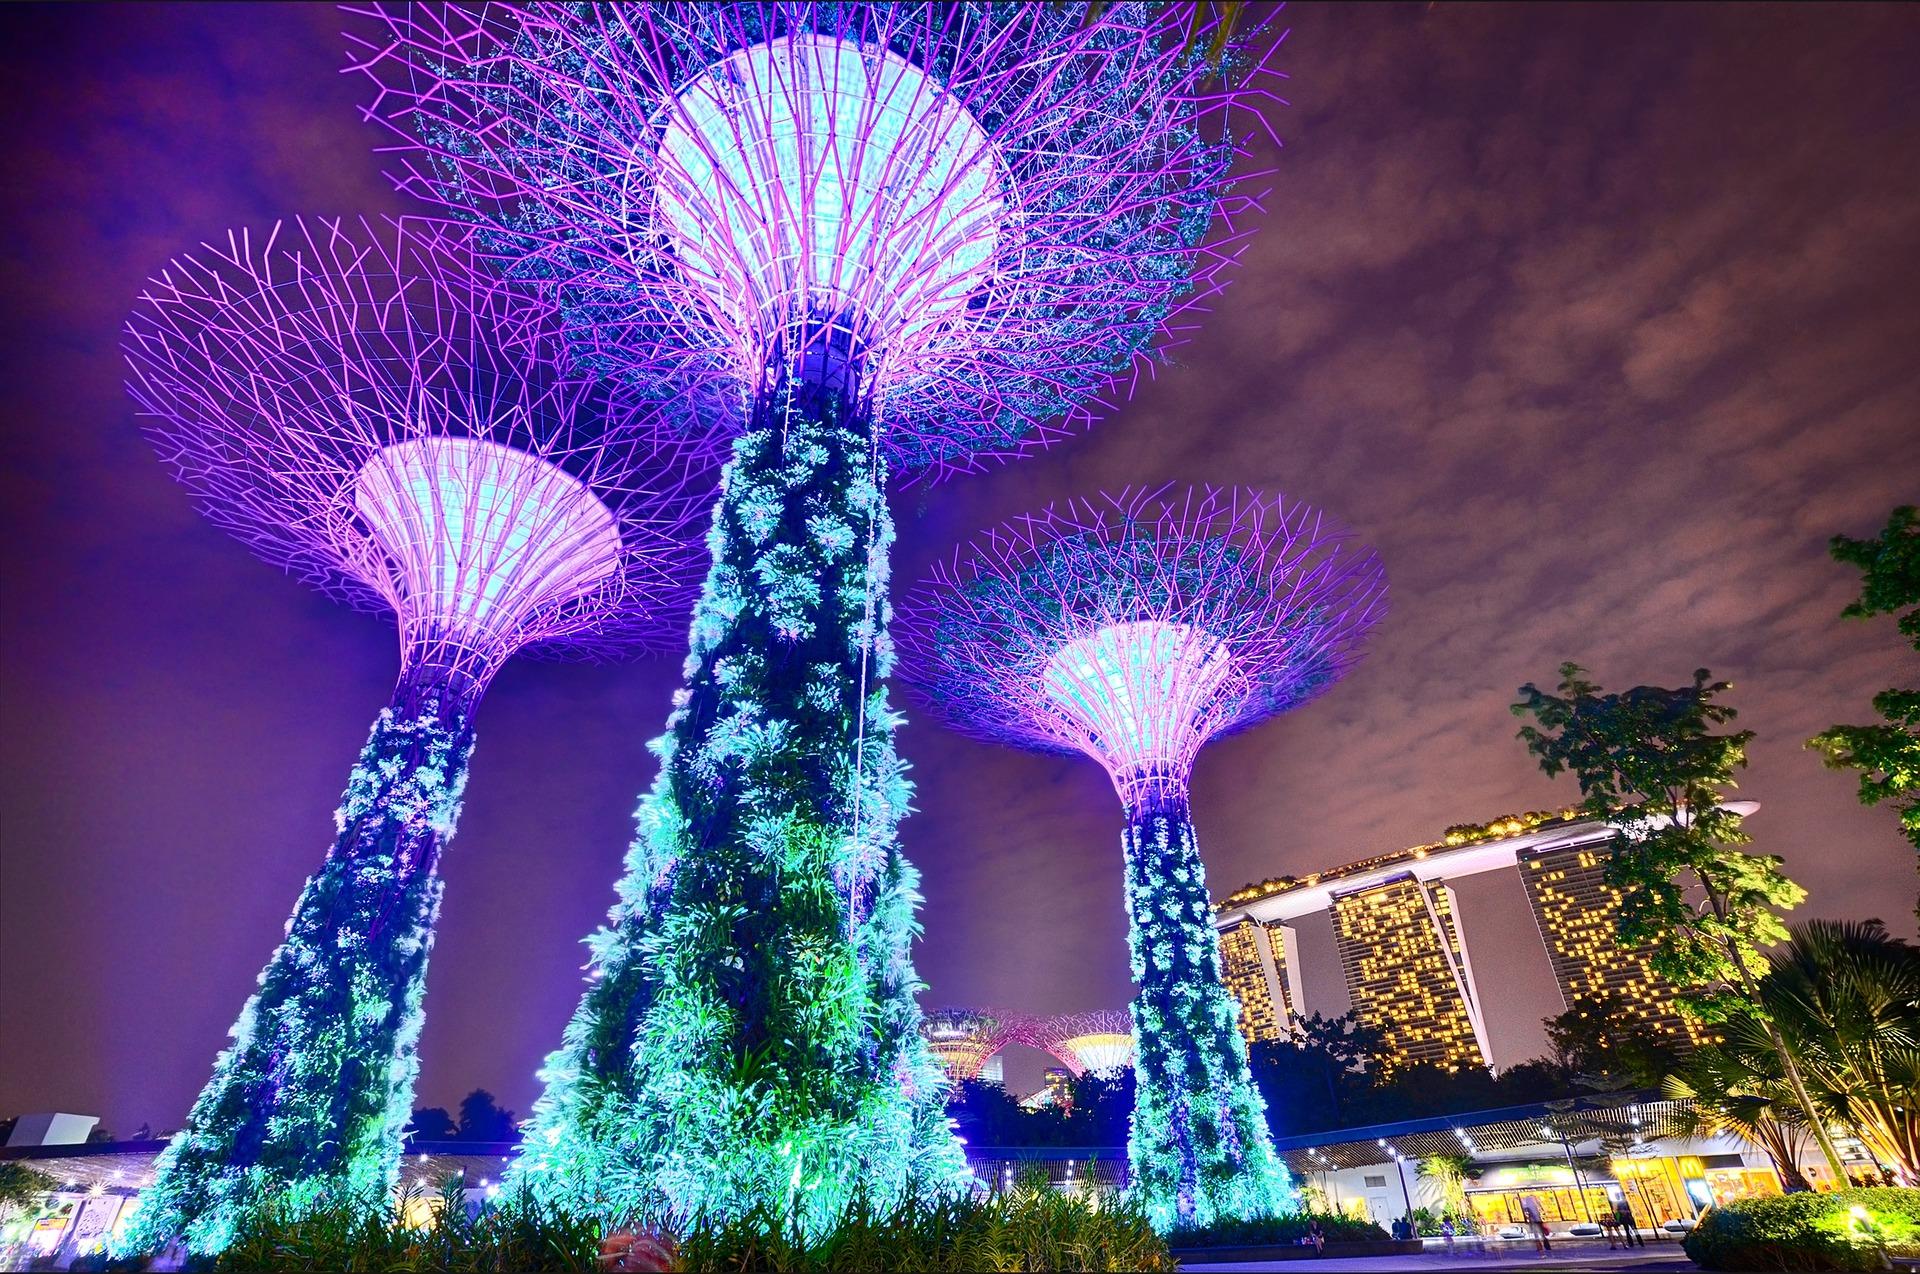 Singapur – Ein Sicherer Staat Für Die Vermögenssicherung?